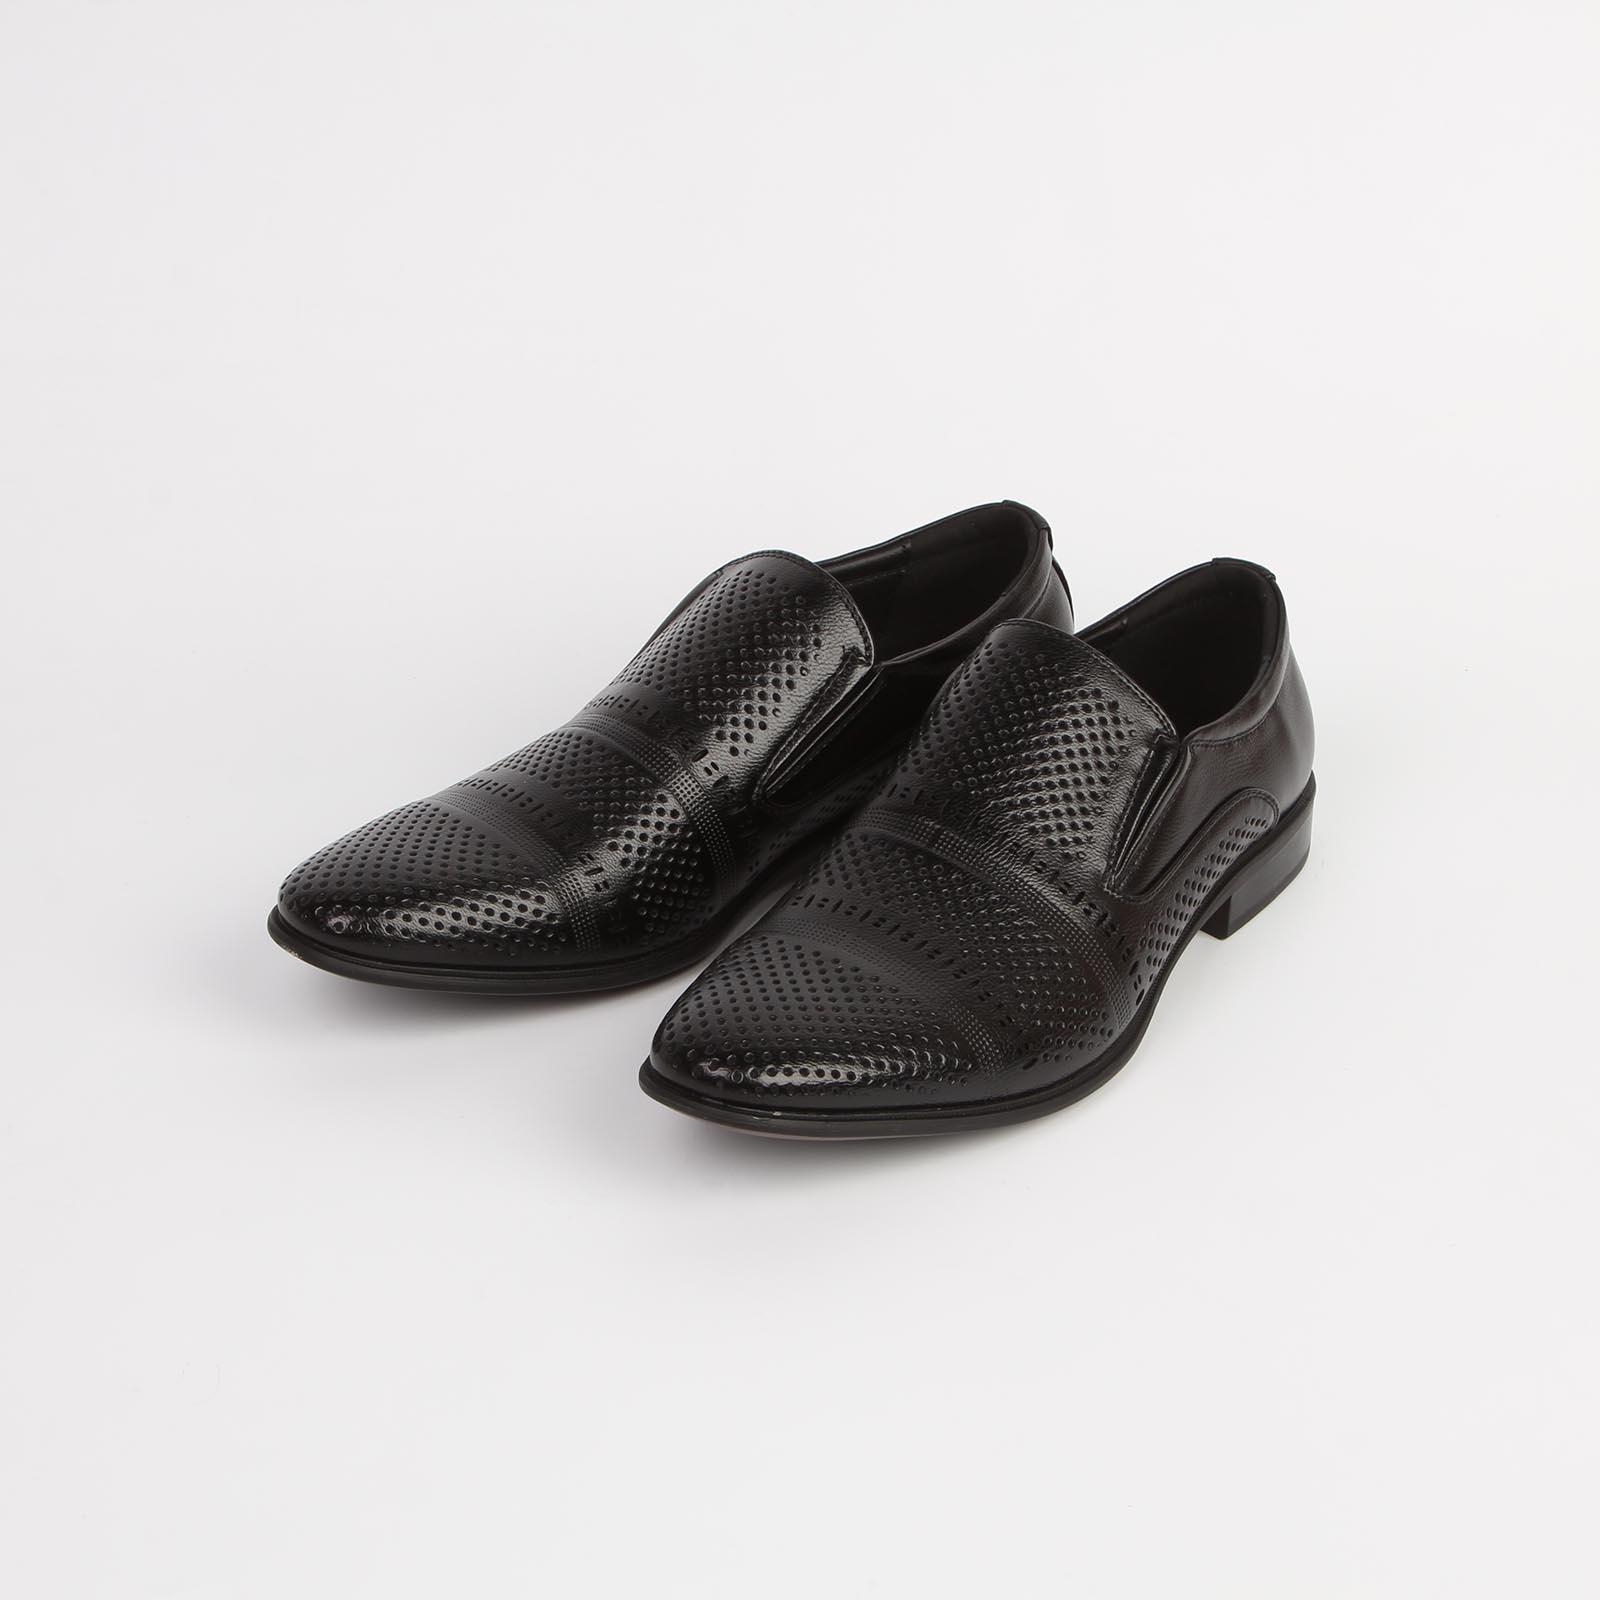 Туфли мужские классические с оригинальной перфорацией